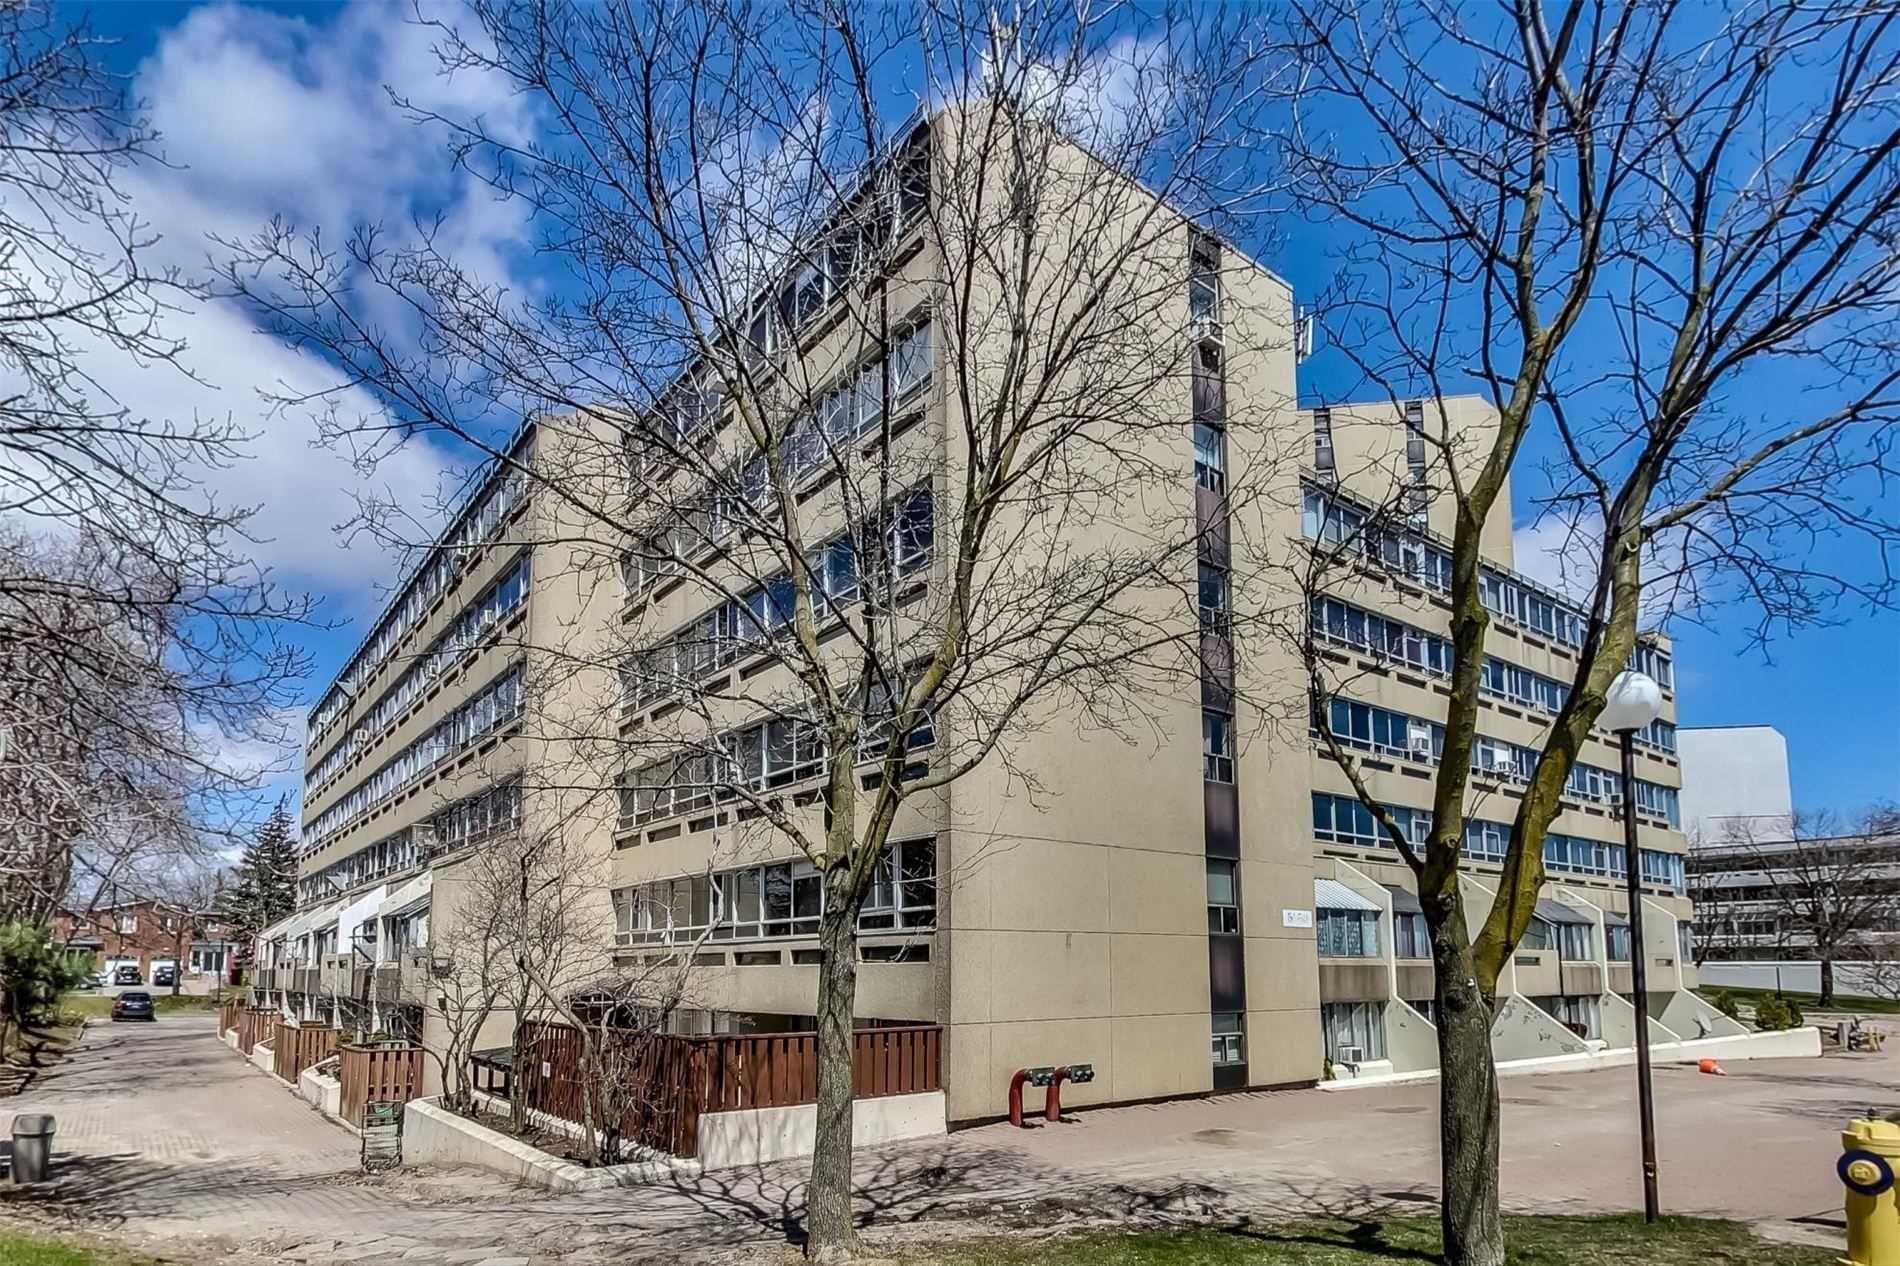 Photo 18: Photos: 212 5580 E Sheppard Avenue in Toronto: Malvern Condo for sale (Toronto E11)  : MLS®# E4747223